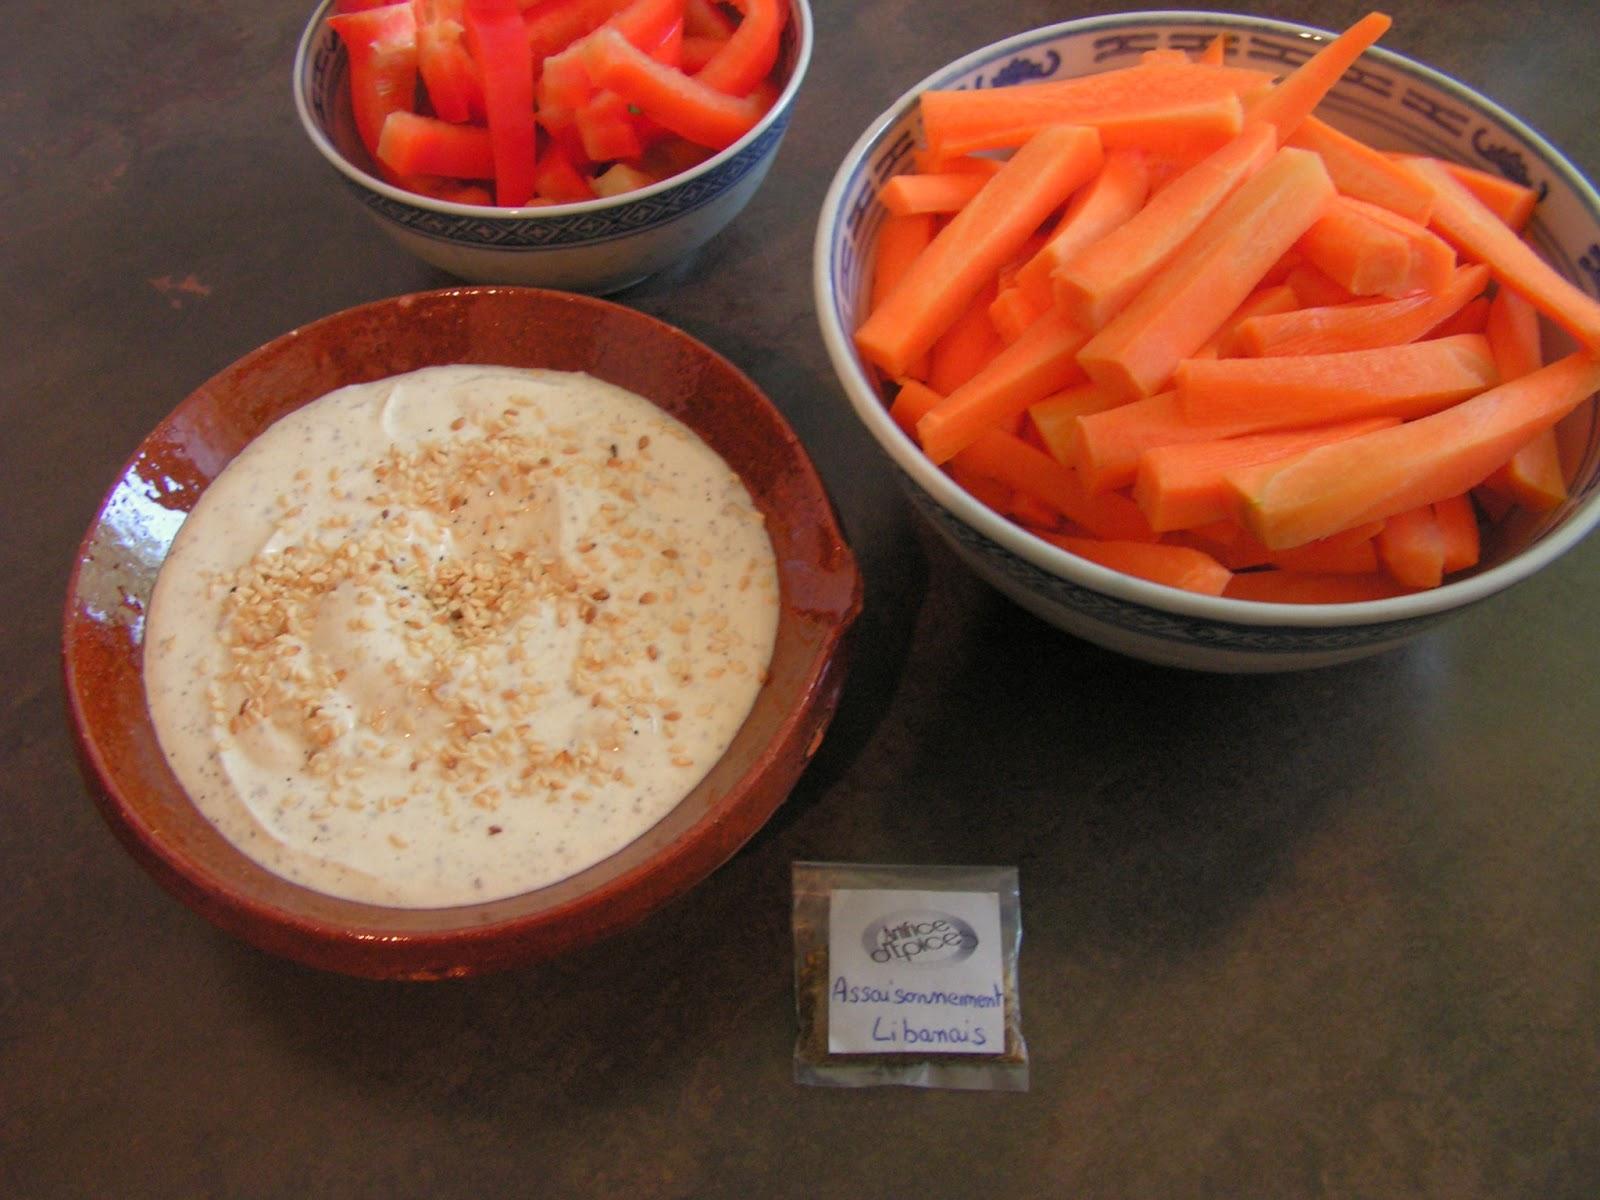 les gourmandises de lydie sauce au fromage blanc aux pices libanaises. Black Bedroom Furniture Sets. Home Design Ideas